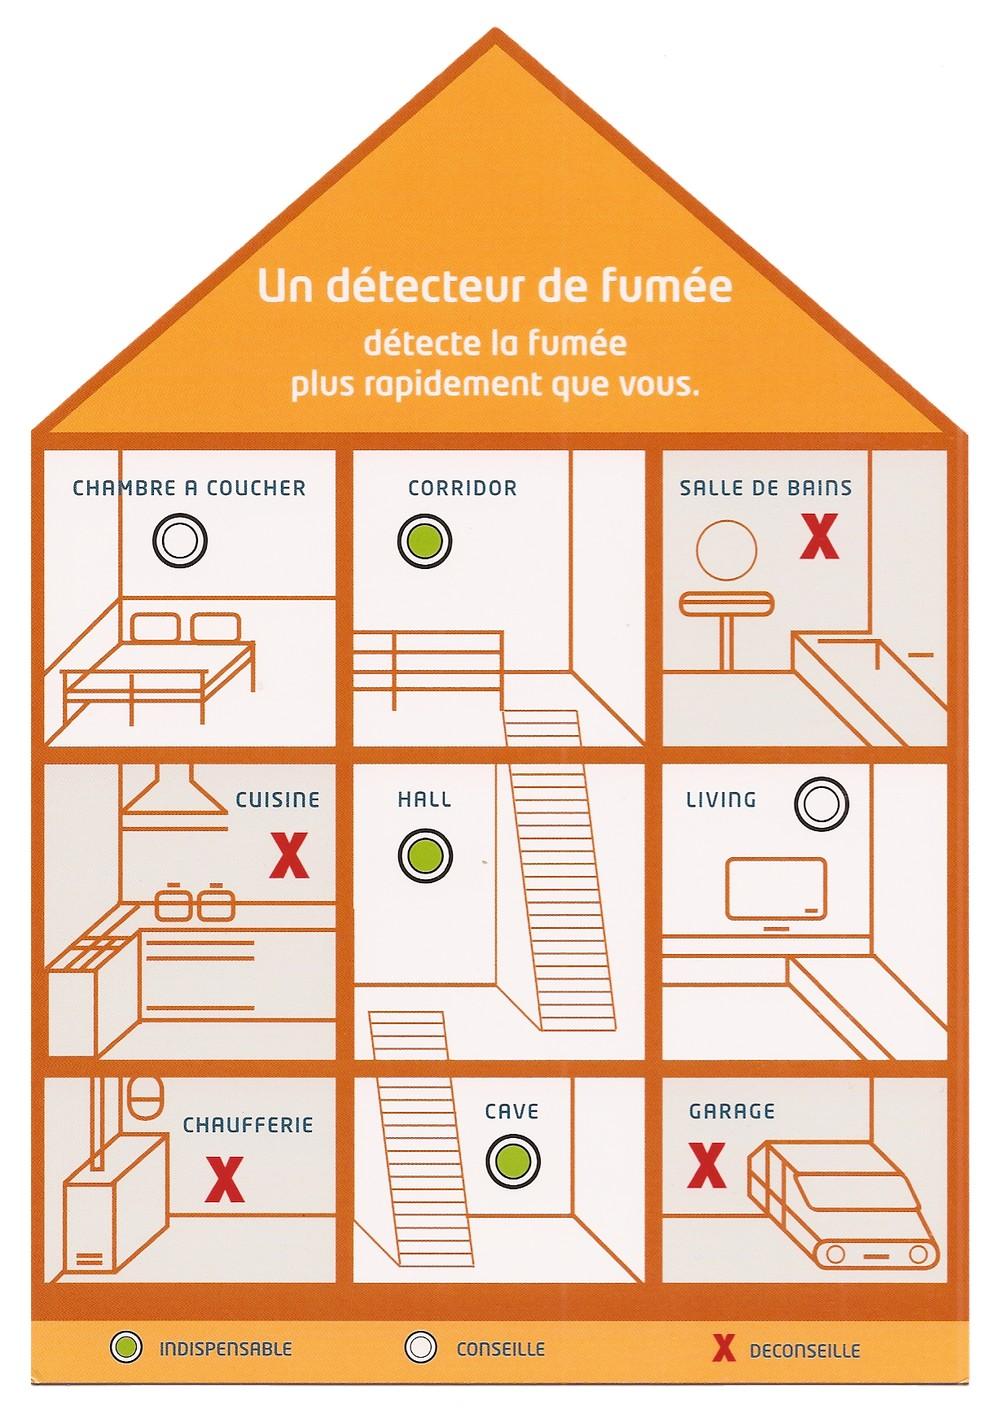 Emplacement du détecteur de fumée dans la maison